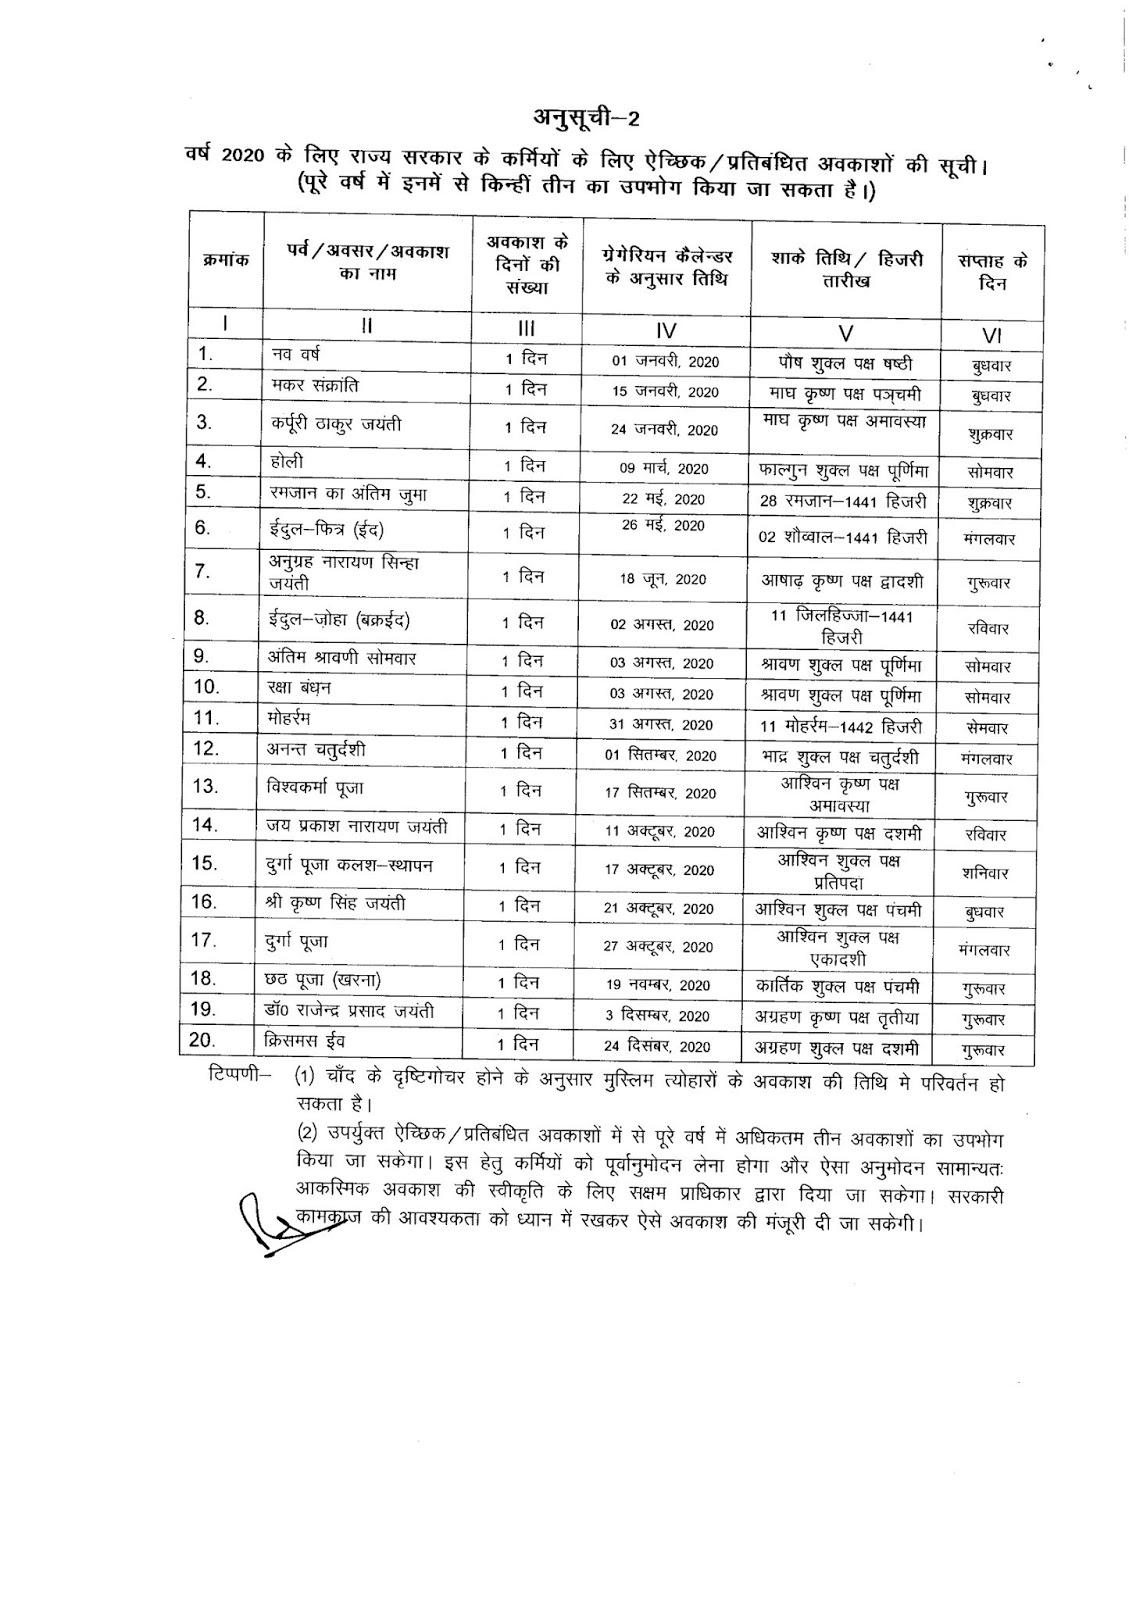 Bihar Government Calendar 2020 #educratsweb regarding Bihar Calendar 2020